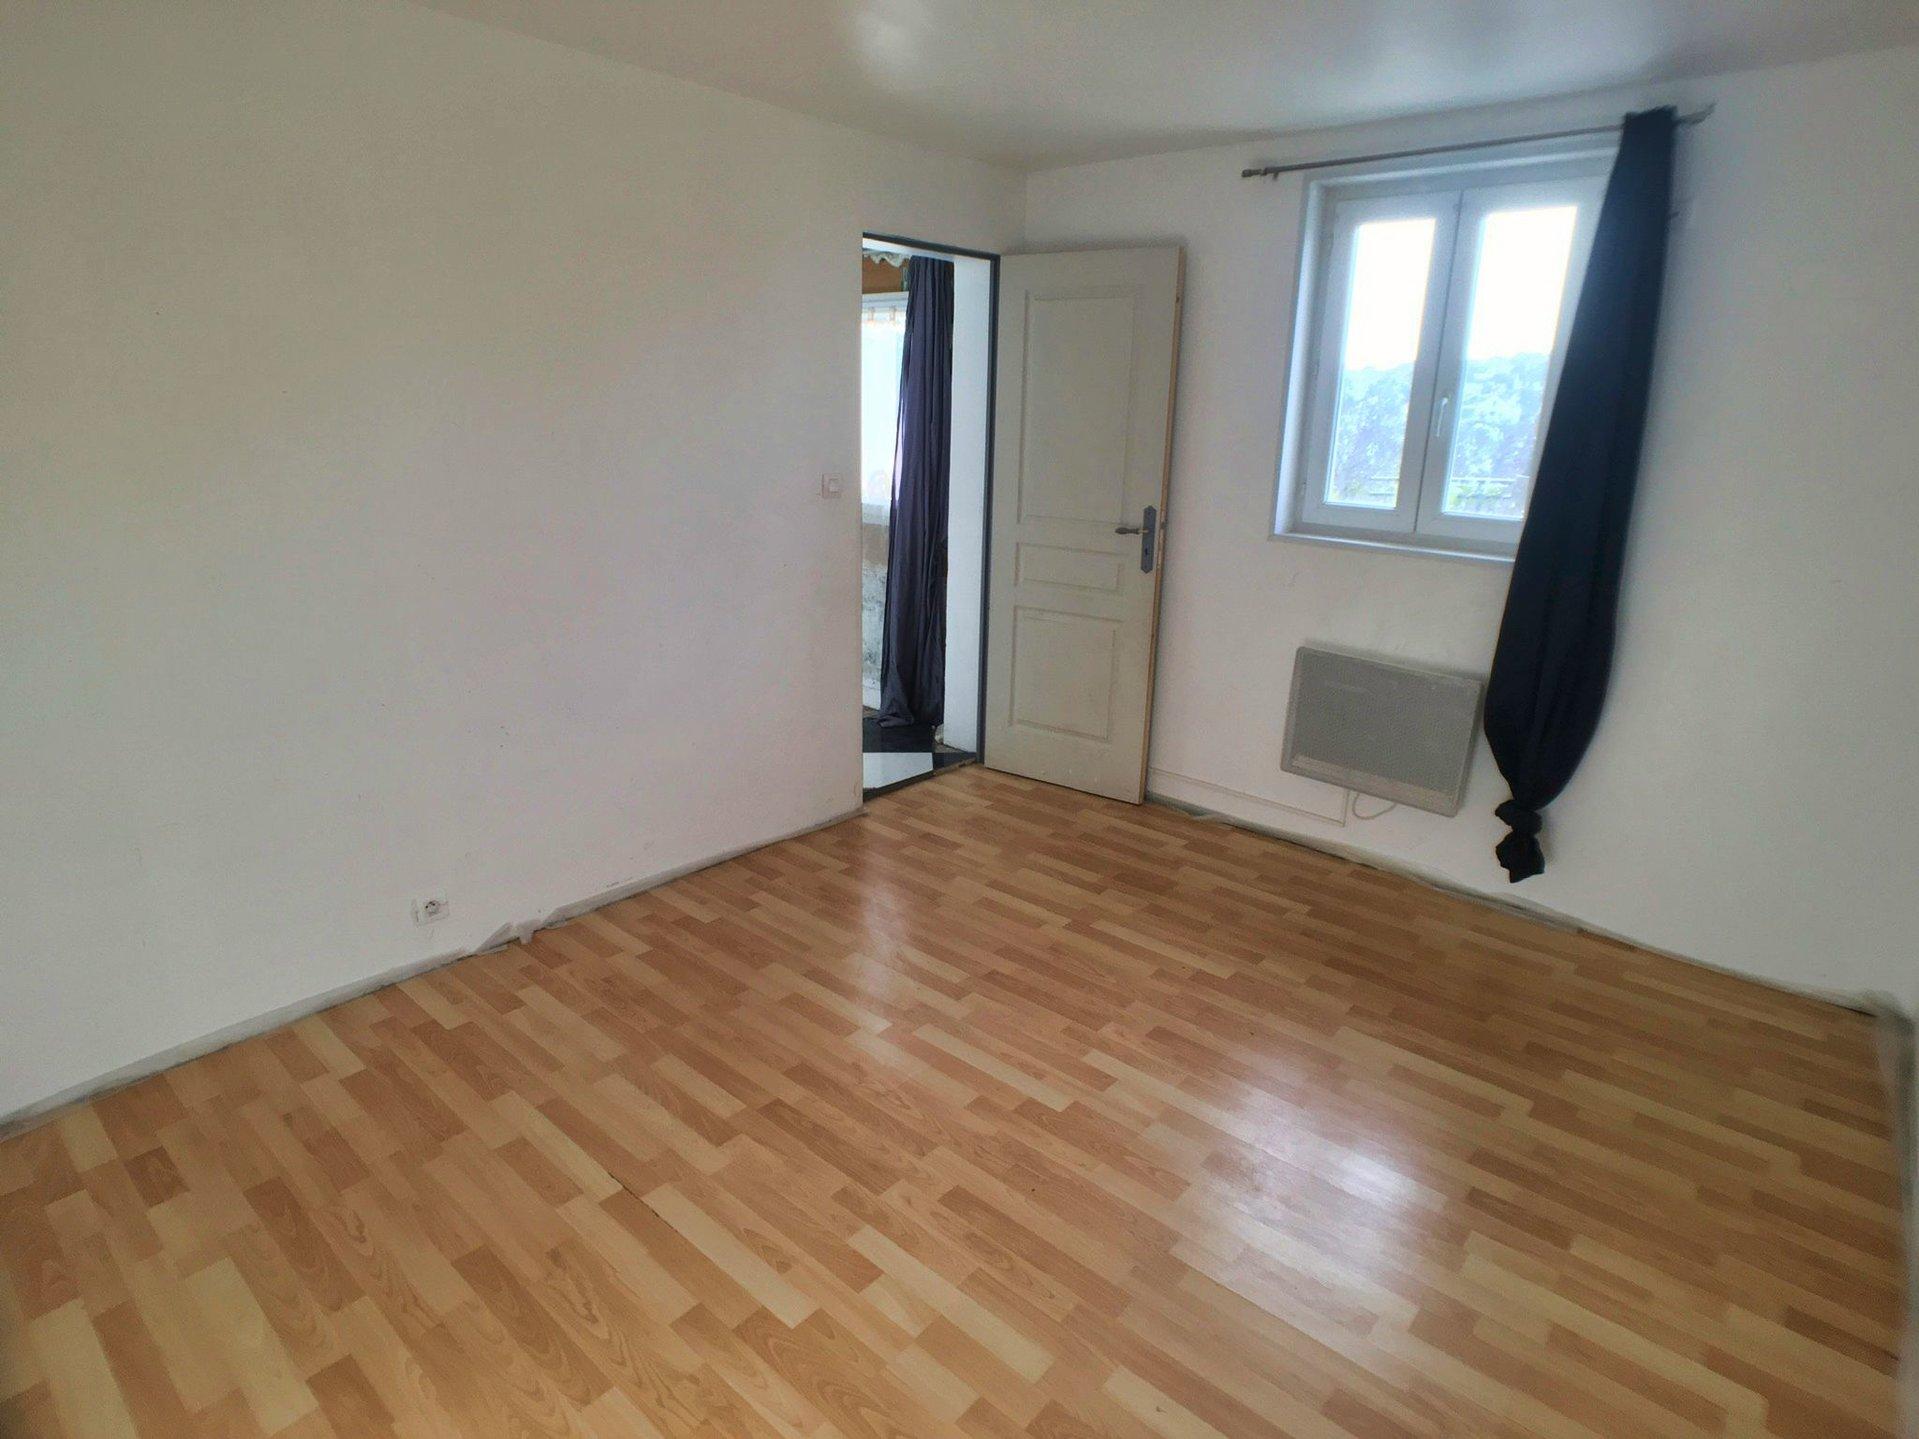 Maison 2 pièces 37 m² + 123 m² de terrain